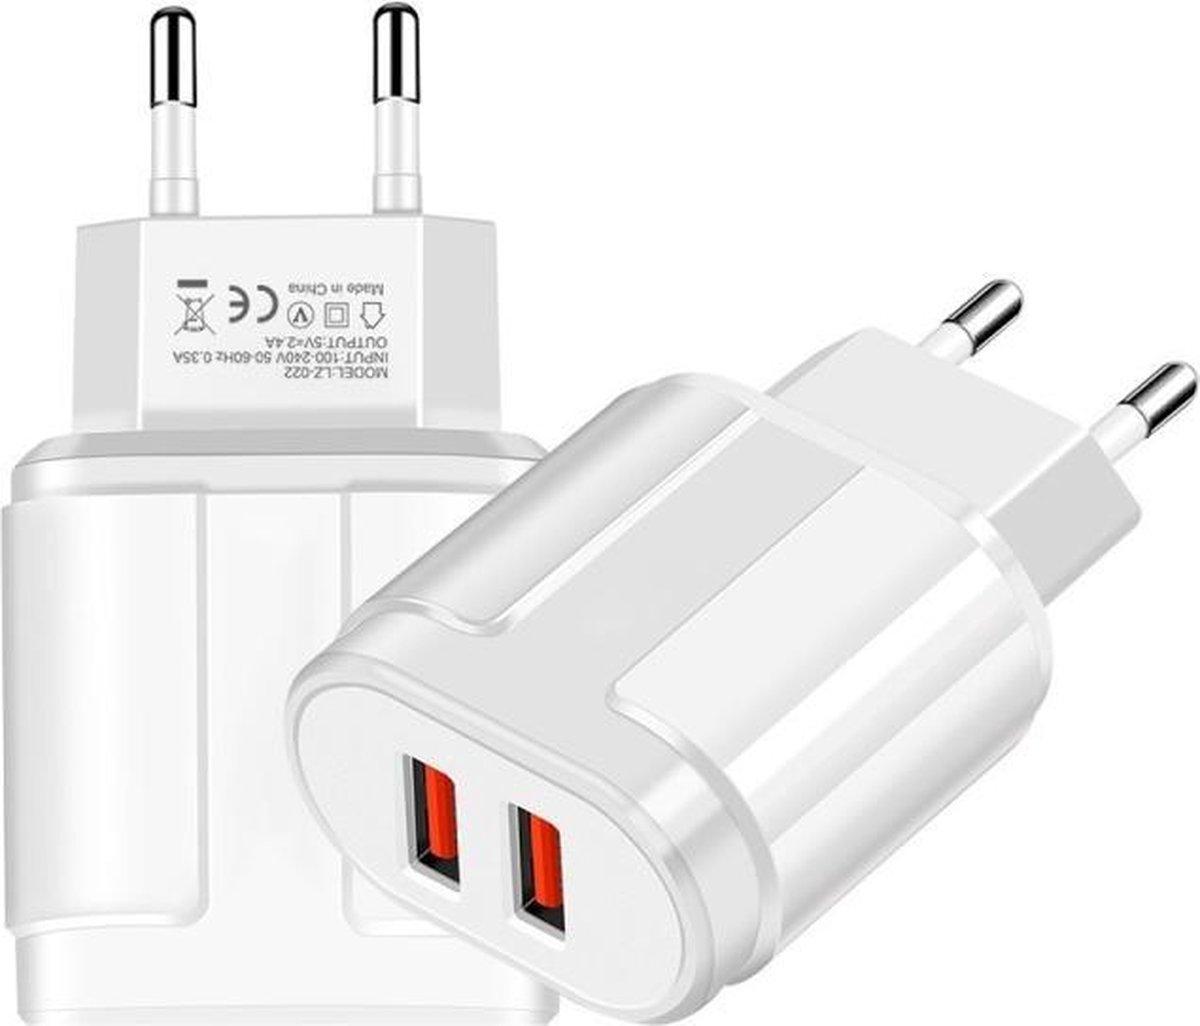 OPSO USB Adapter oplader met 2 poorten 5V 2.4A voor telefoon, tablet etc.